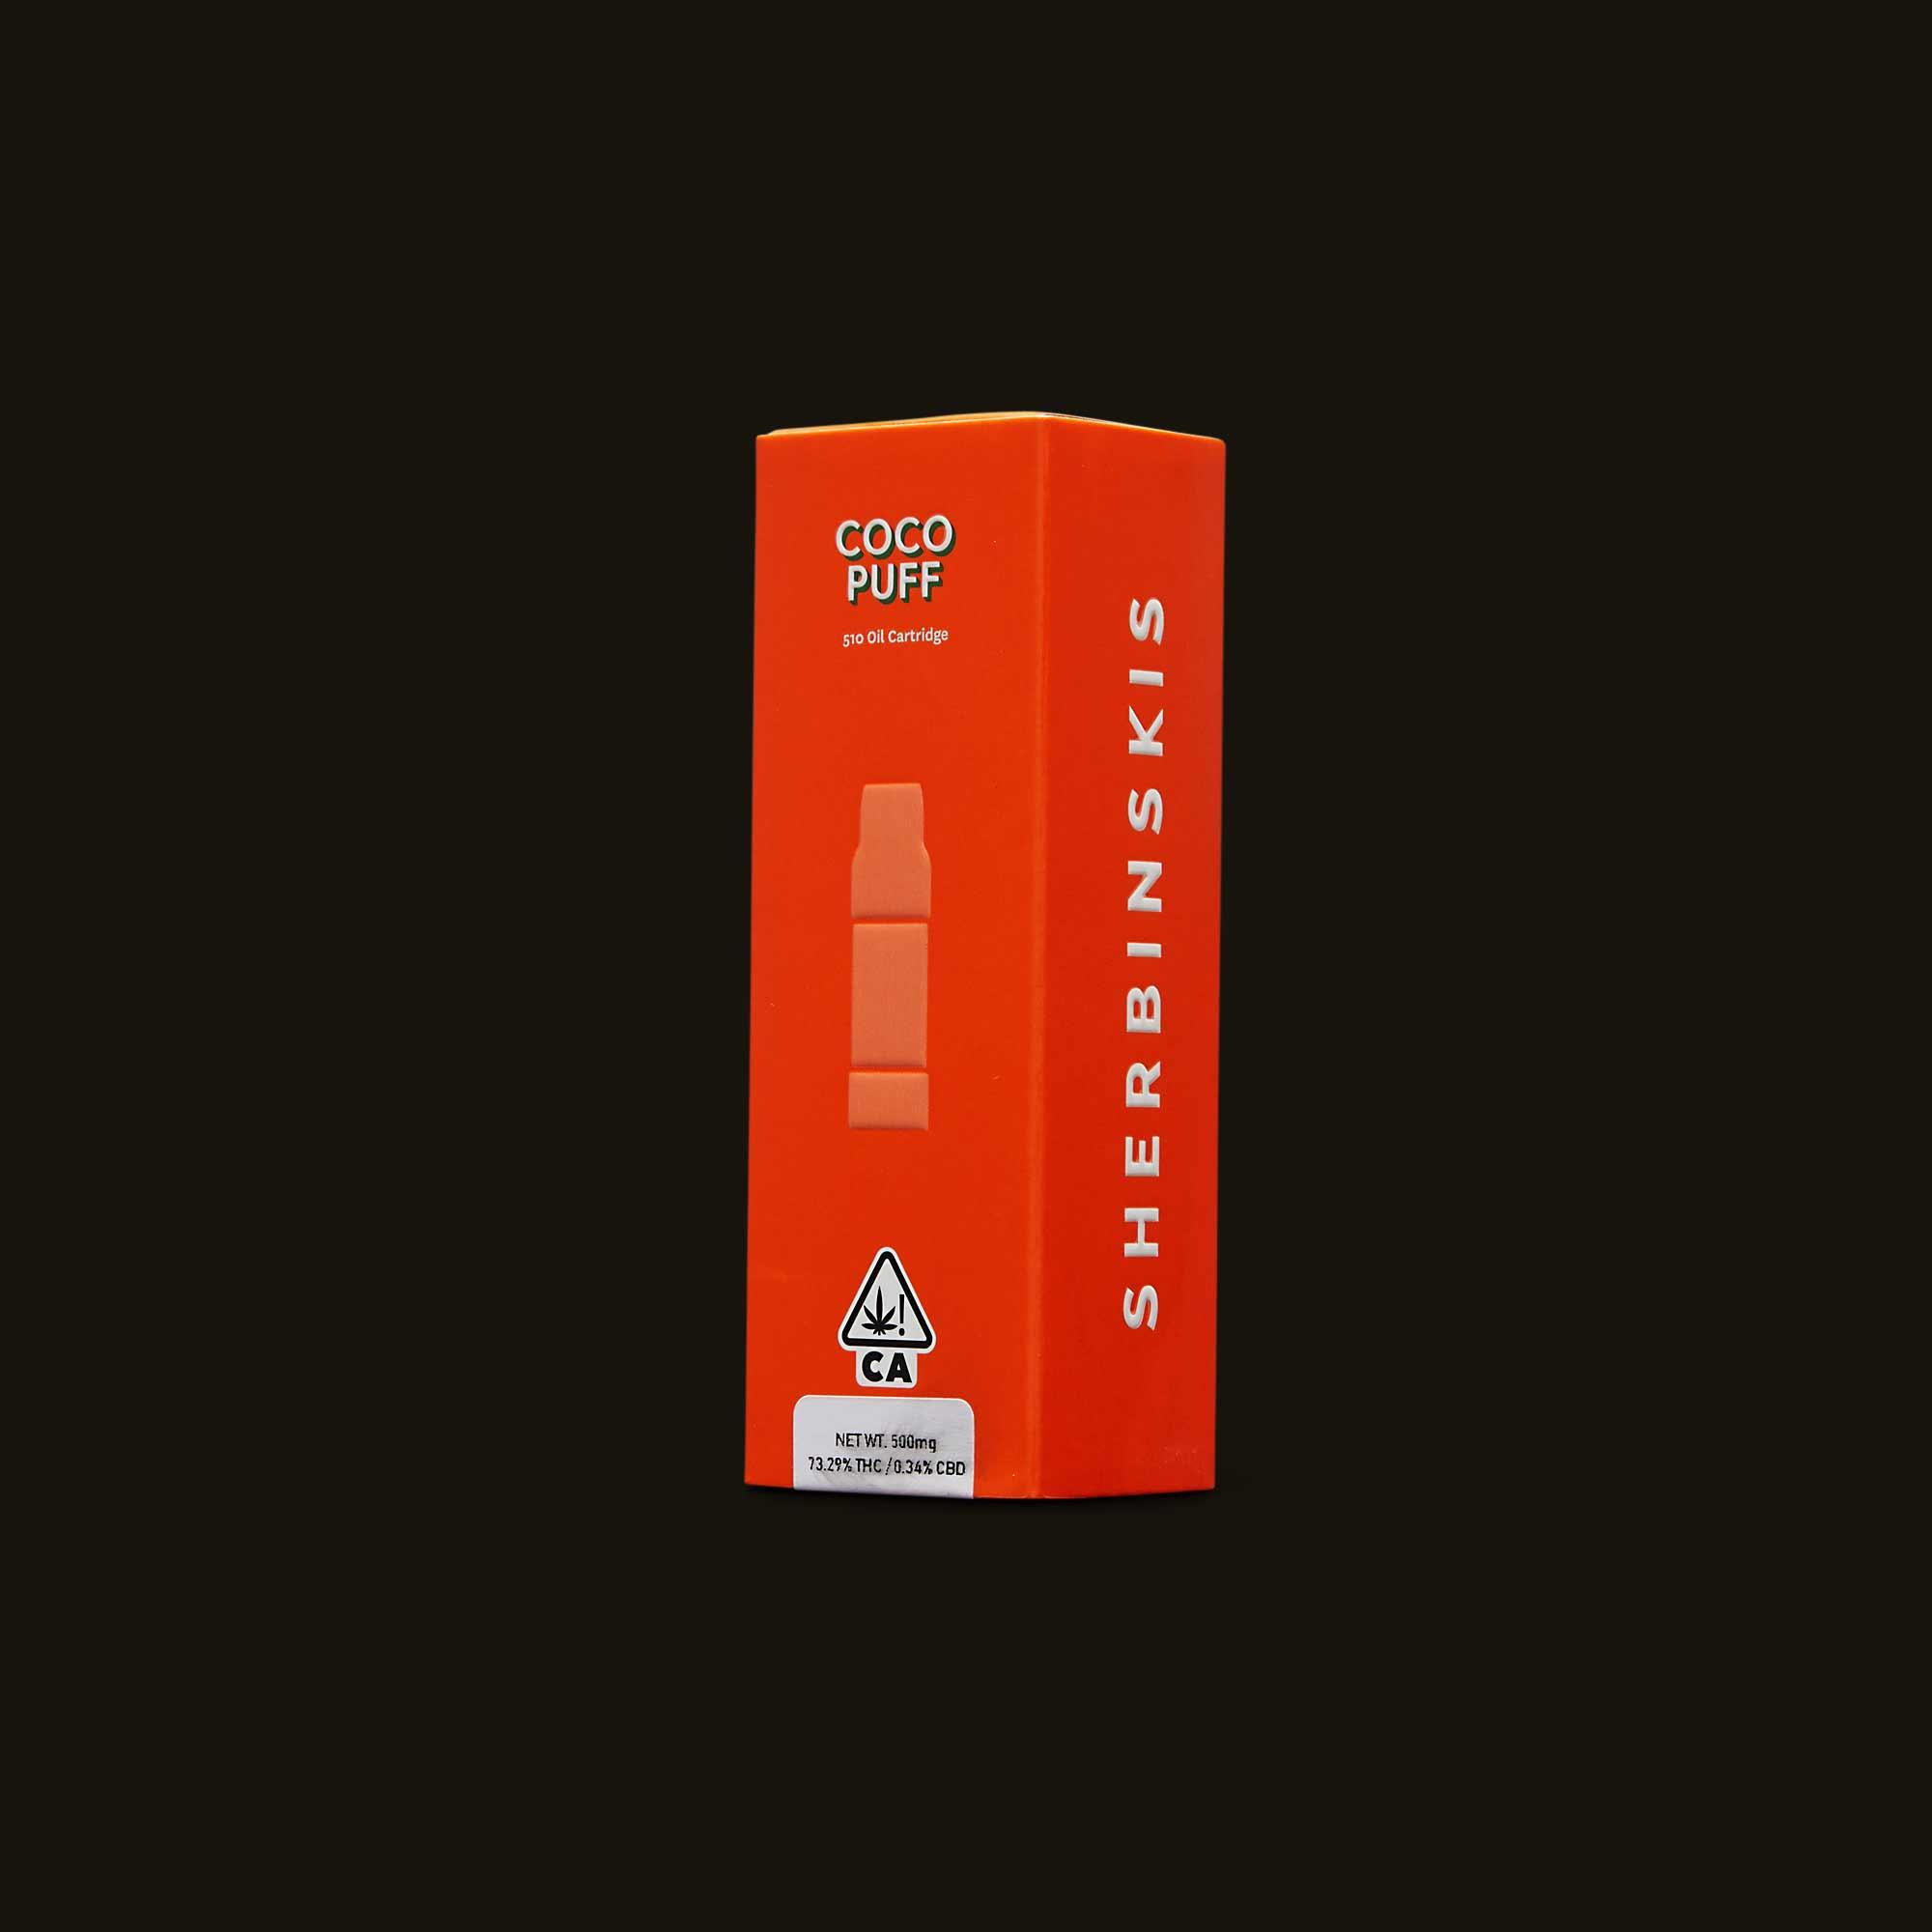 Coco Puff Cartridge - 500mg cartridge, 1g cartridge